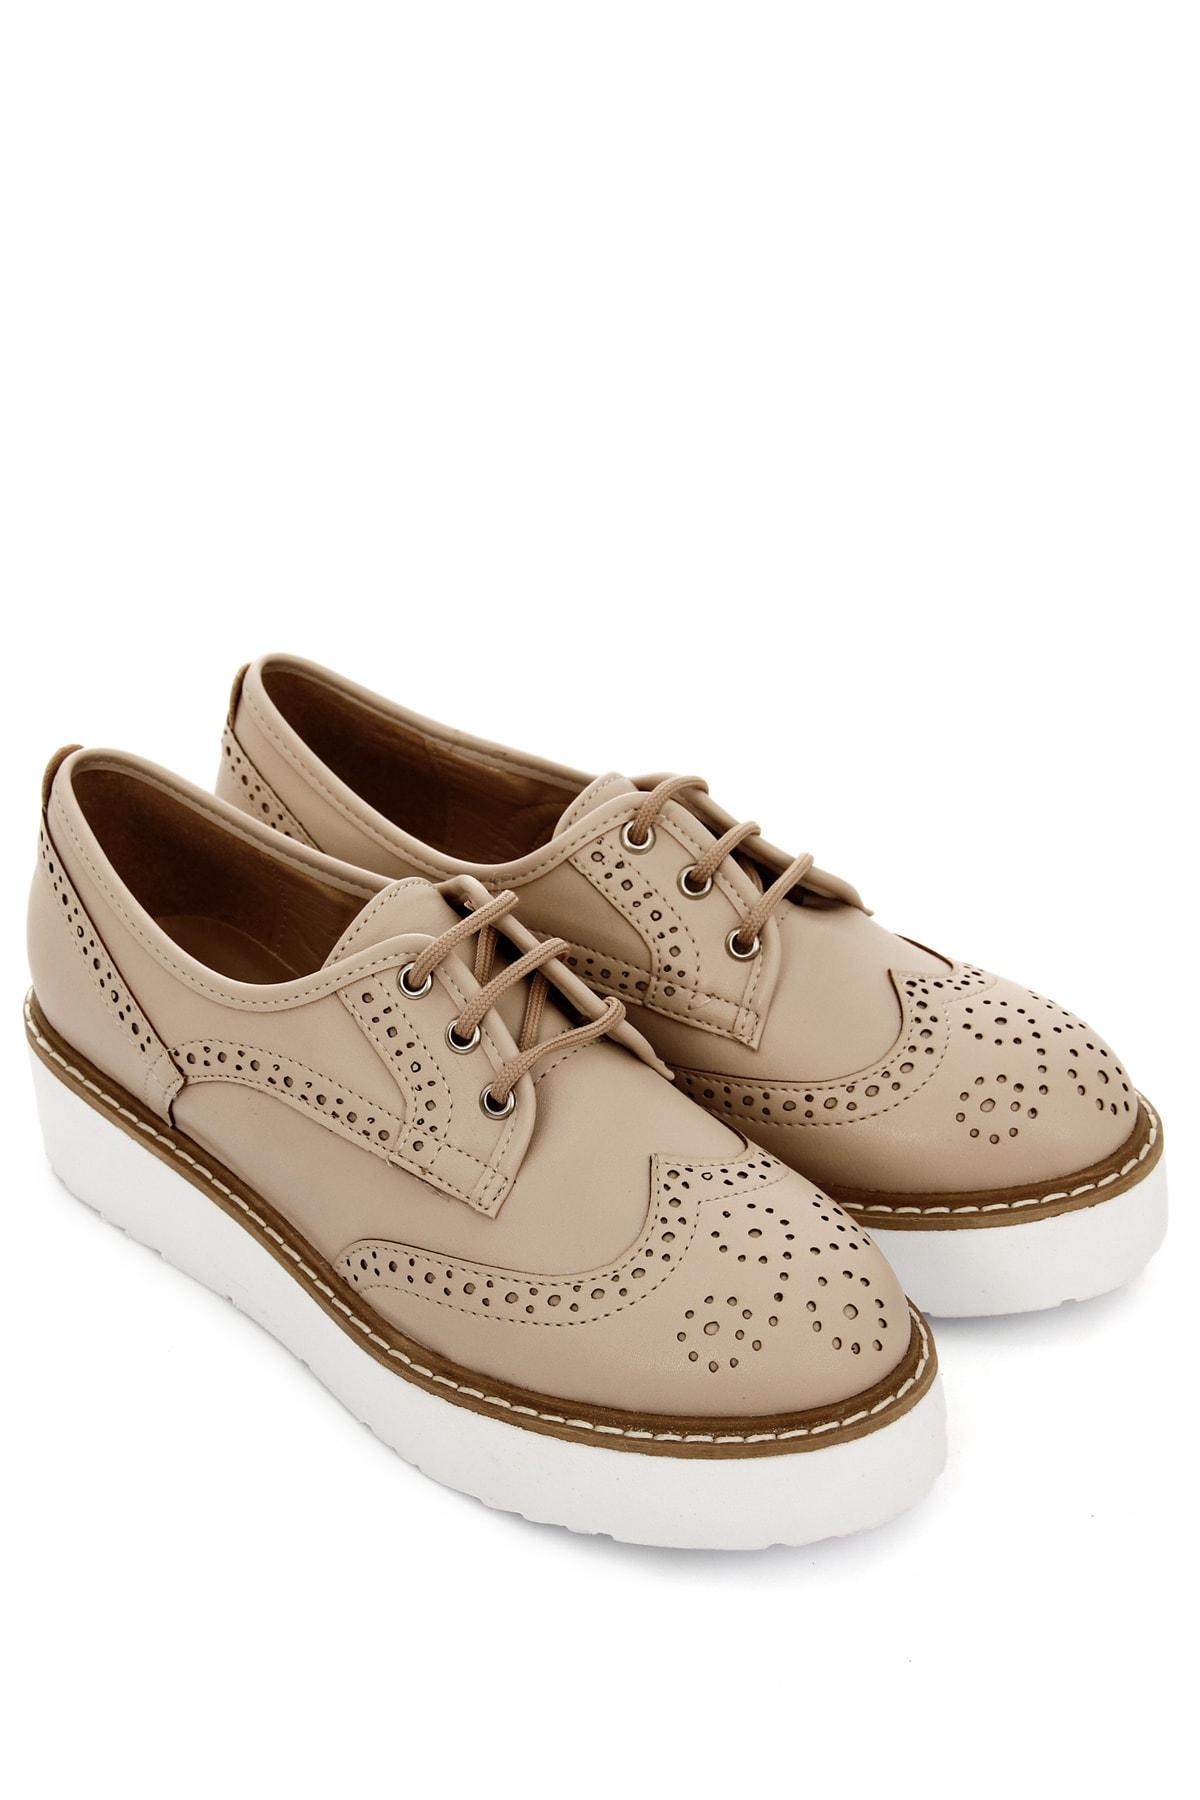 GÖNDERİ(R) Ten Kadın Günlük (Casual) Ayakkabı 38911 0